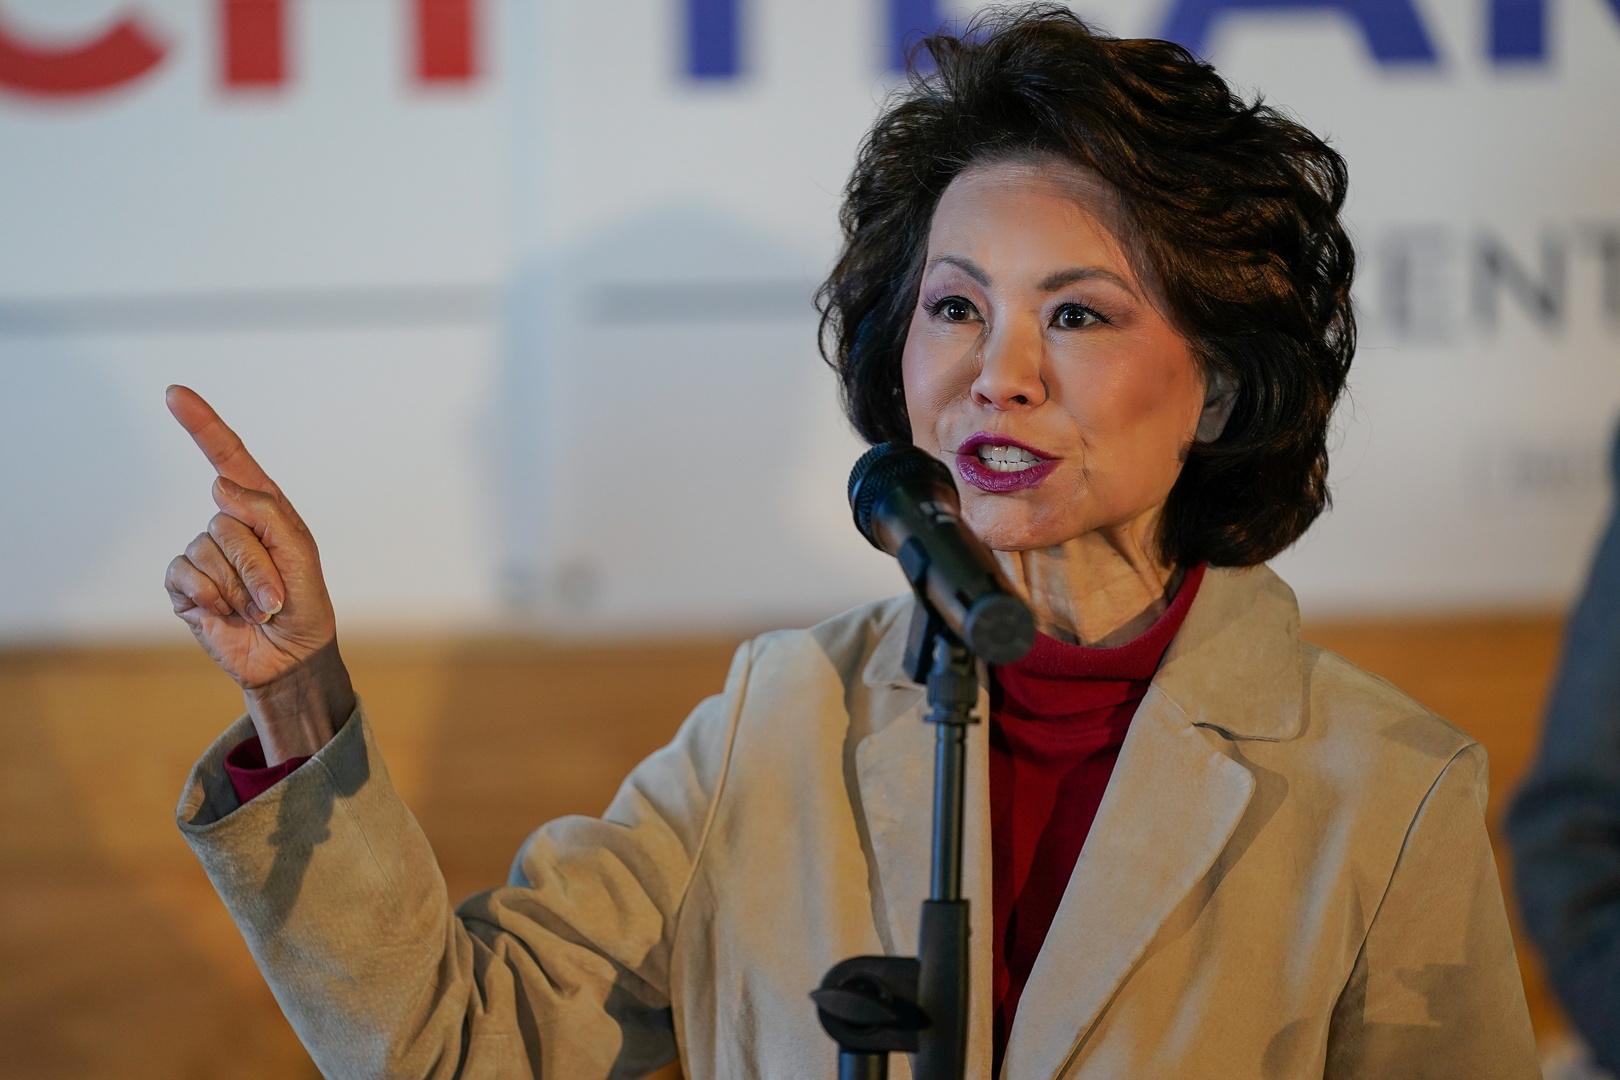 إيلين تشاو، وزيرة النقل في إدارة الرئيس الأمريكي السابق دونالد ترامب